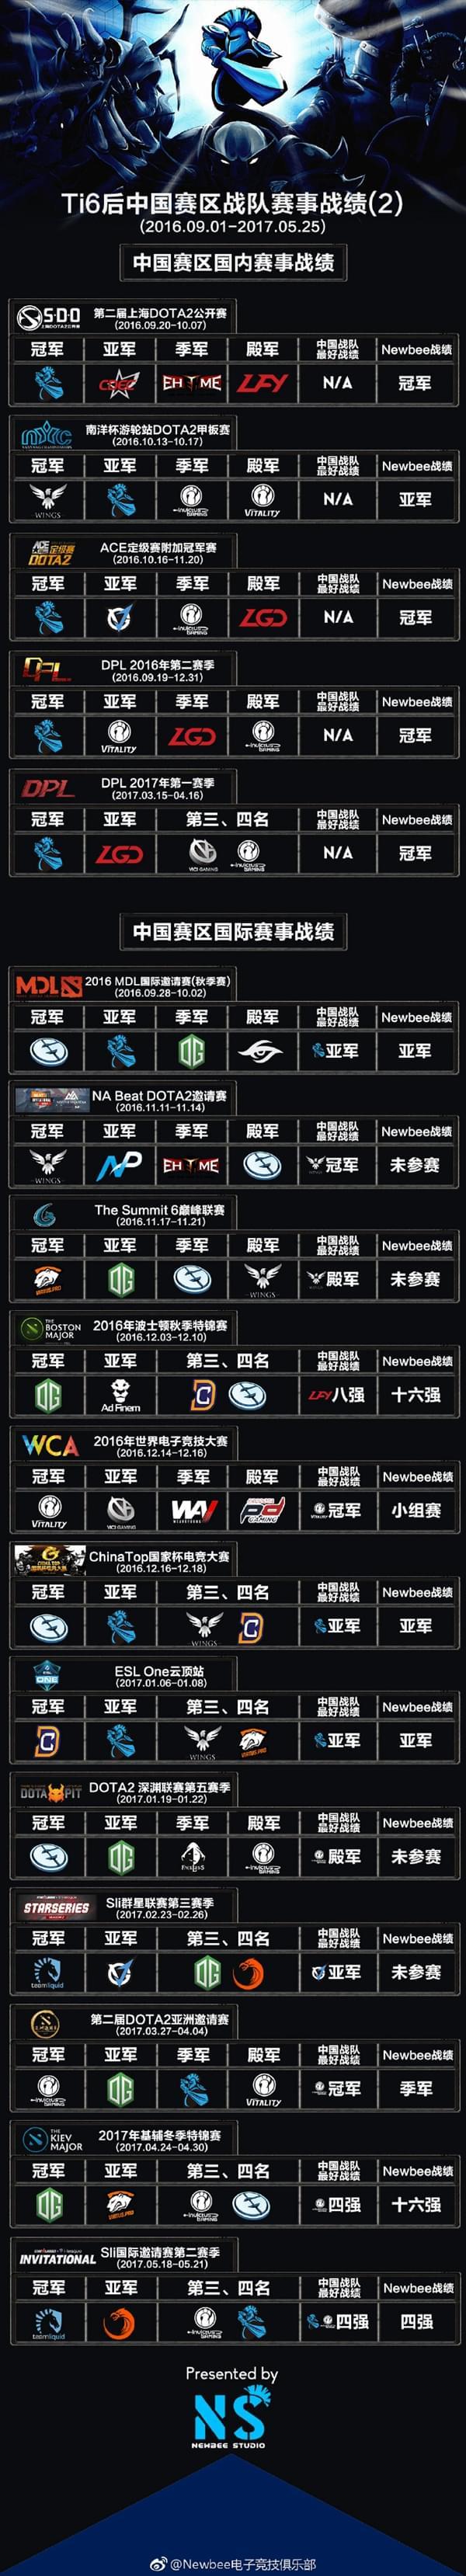 DOTA2后TI6时代统计 中国战队仅有两个世界冠军